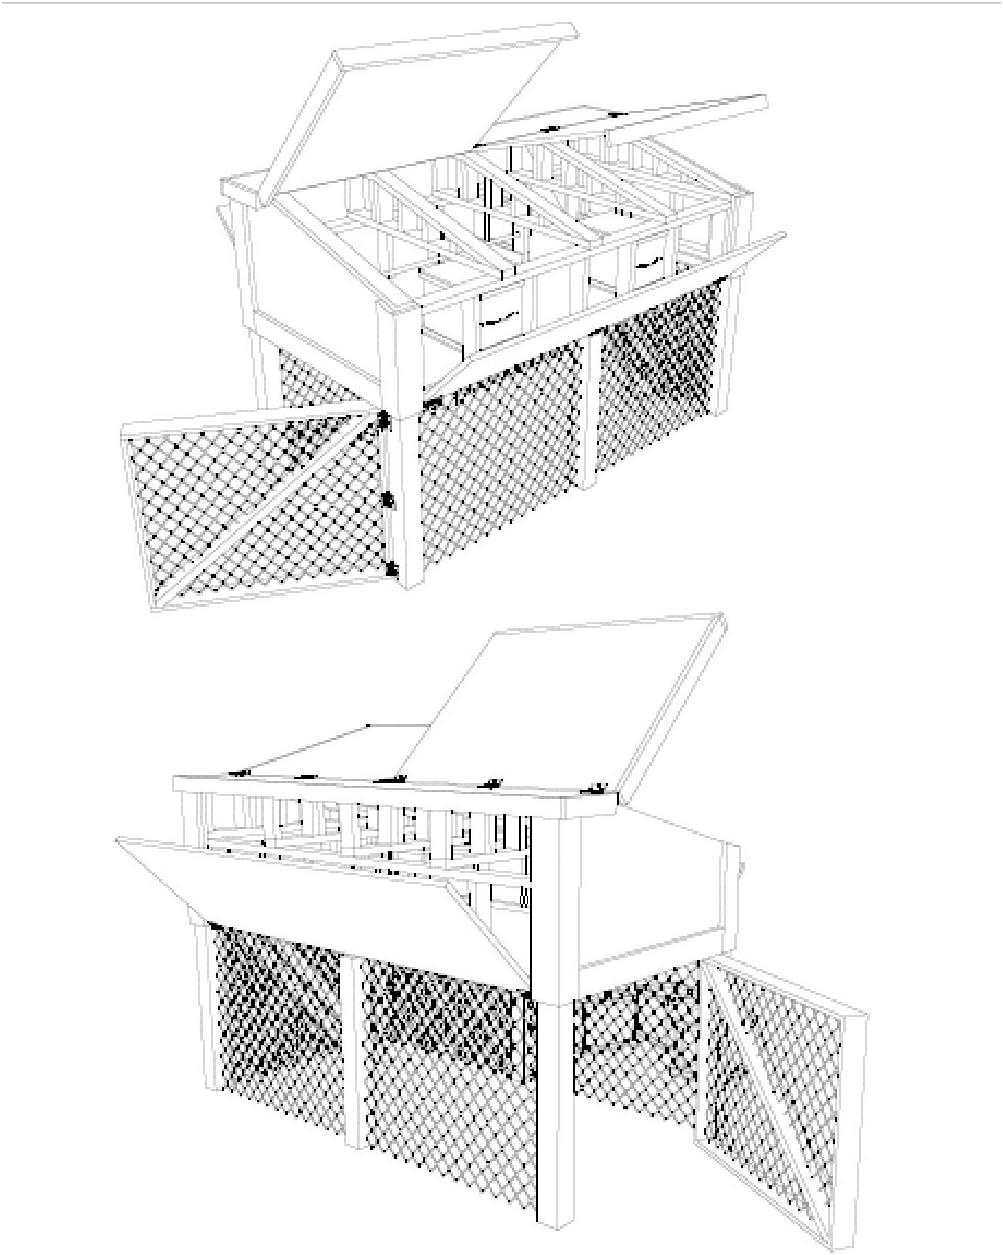 The Best DIY Plans Store Planes de gallinero portátil con caseta para Hacer tu Propia Granja: Amazon.es: Jardín